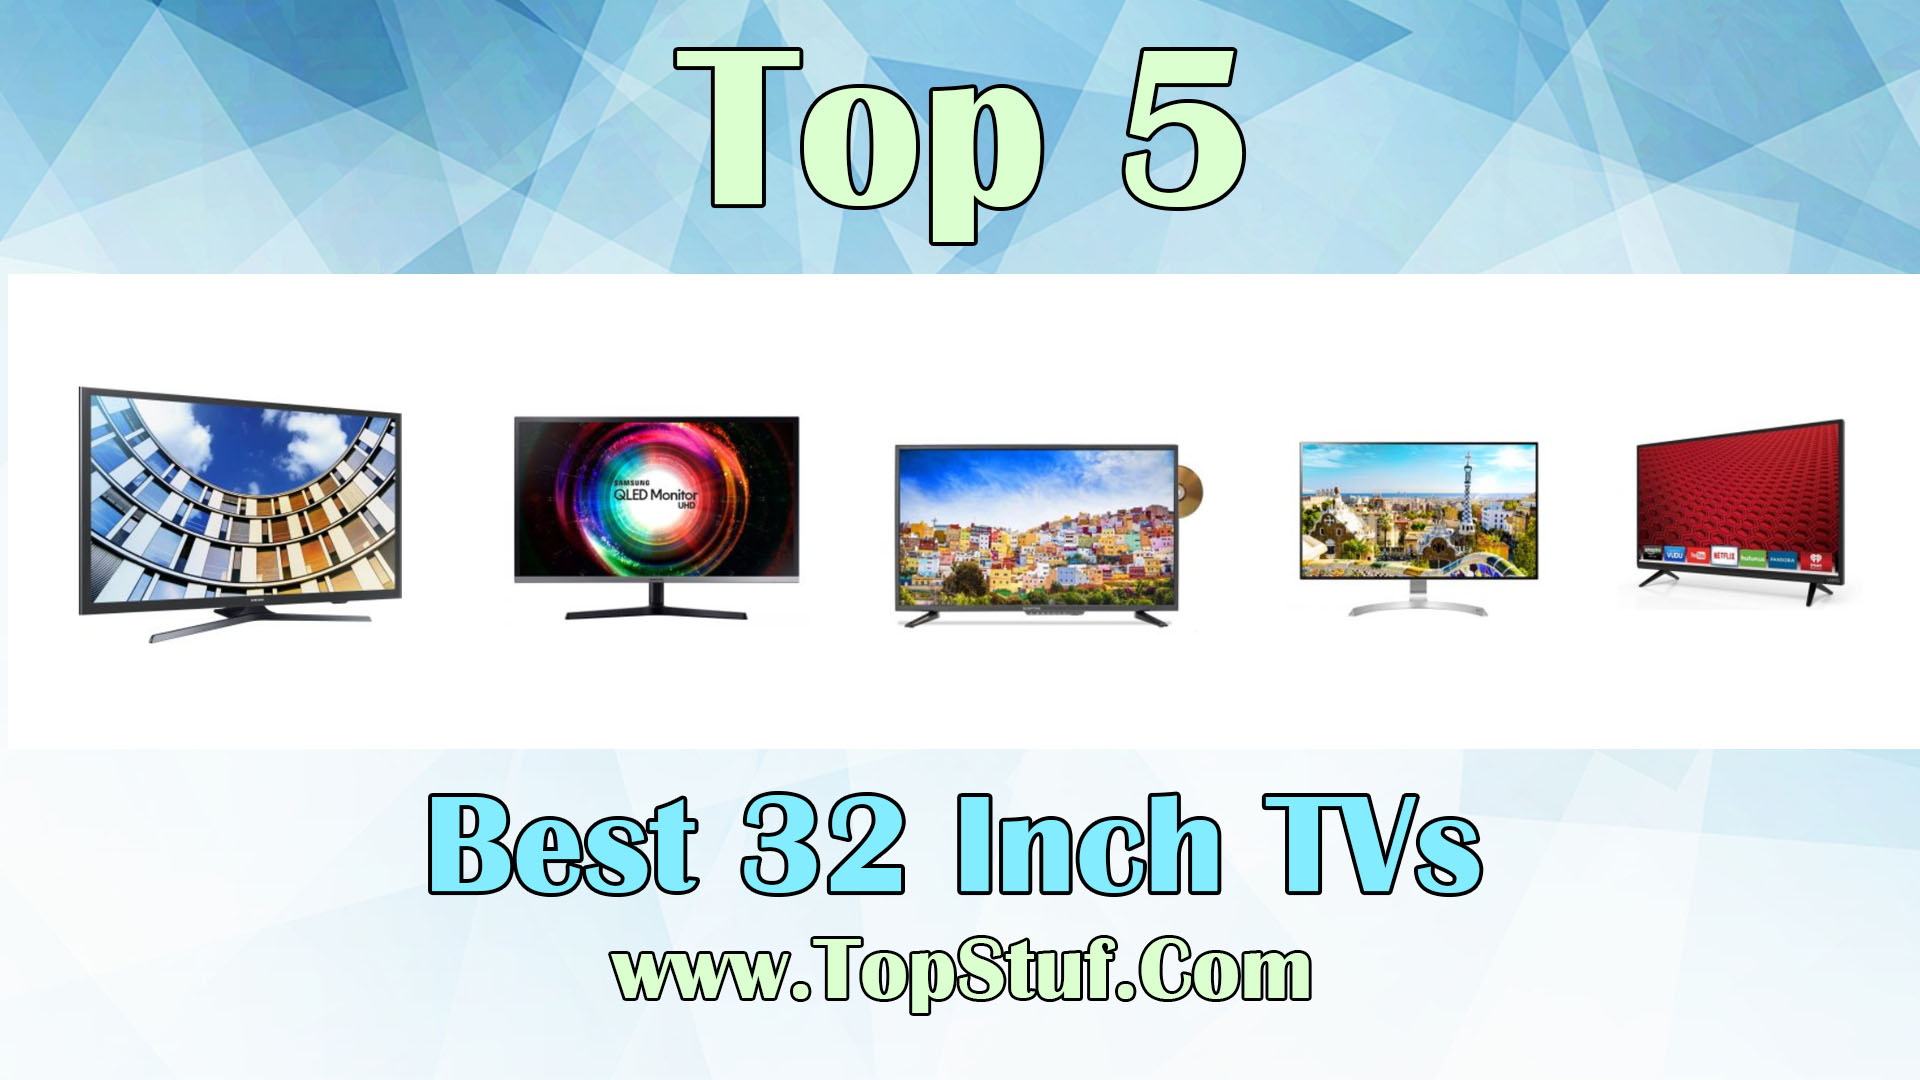 Best 32 Inch TVs